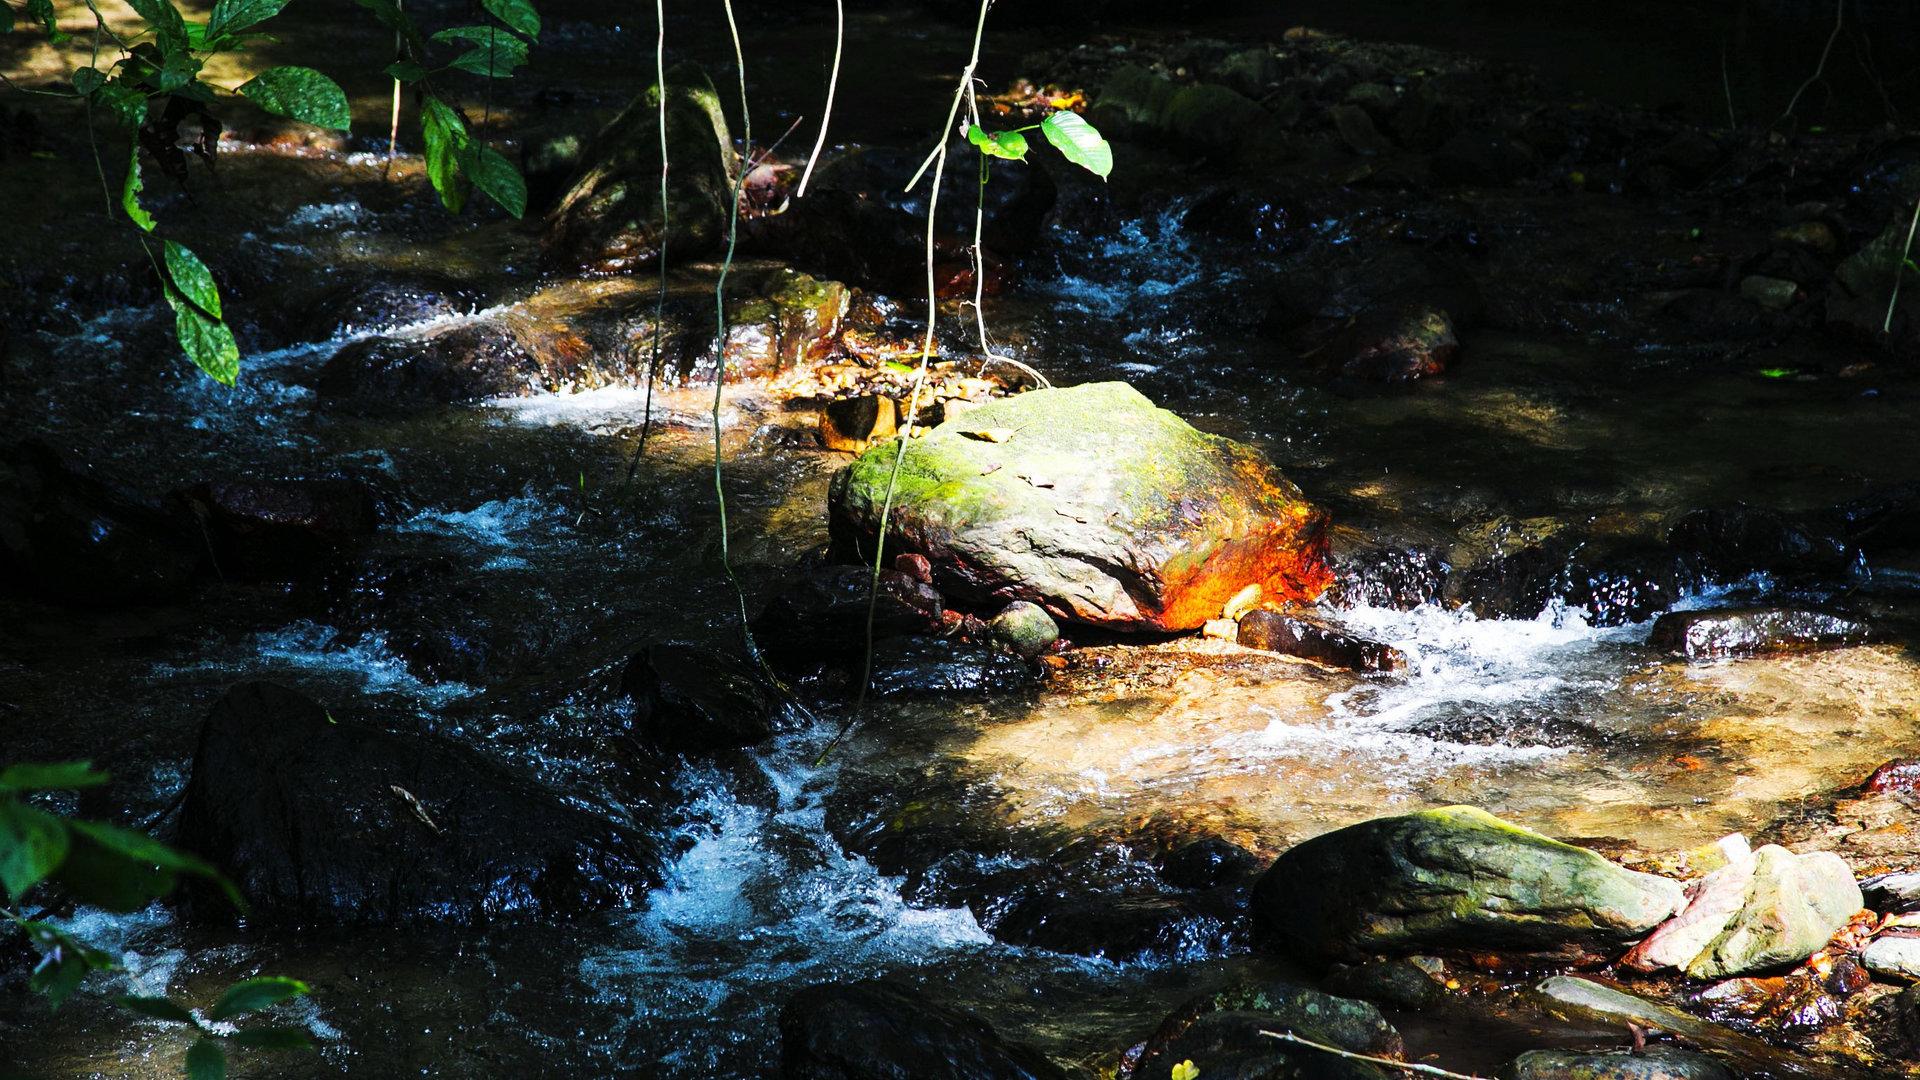 林间溪流4K超高清壁纸图片